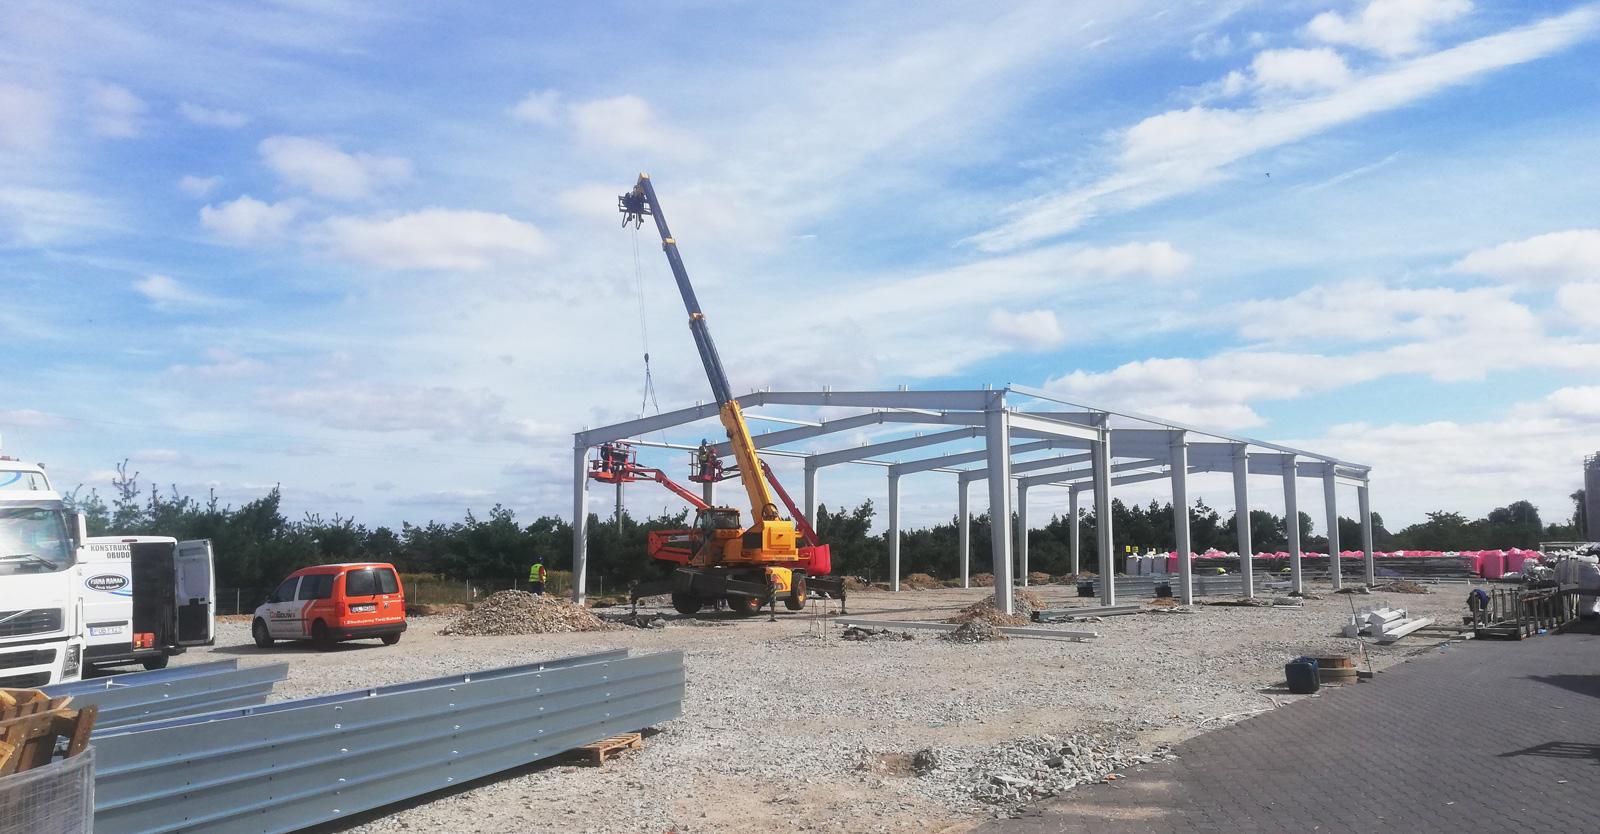 konstrukcja wiaty magazynowej w budowie - druga budowa dla firmy Metal-Plast, recykling tworzyw sztucznych, Świebodzice, woj. dolnośląskie